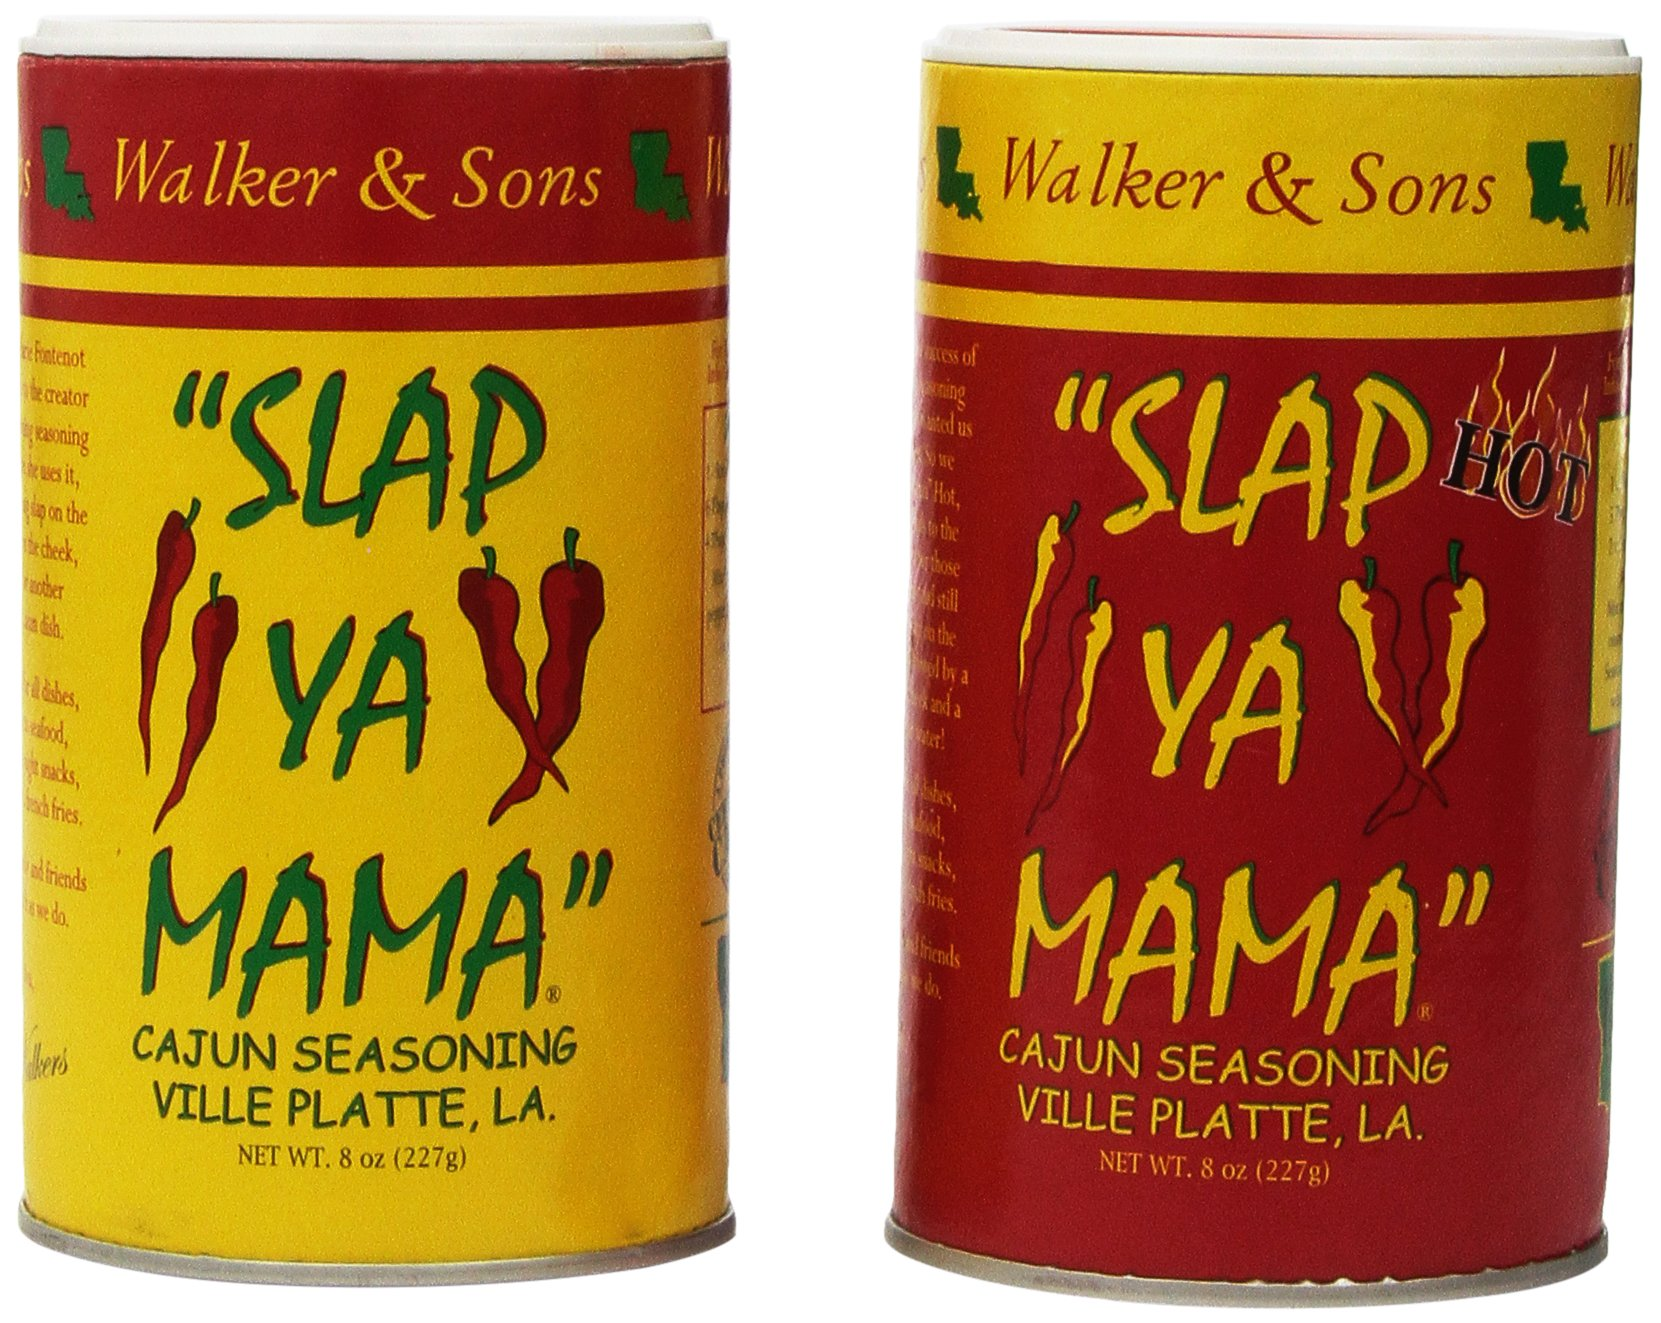 Slap Ya Mama All Natural Cajun Seasoning from Louisiana, Original & Hot Blend, 8 ounce canisters, 2 Pack